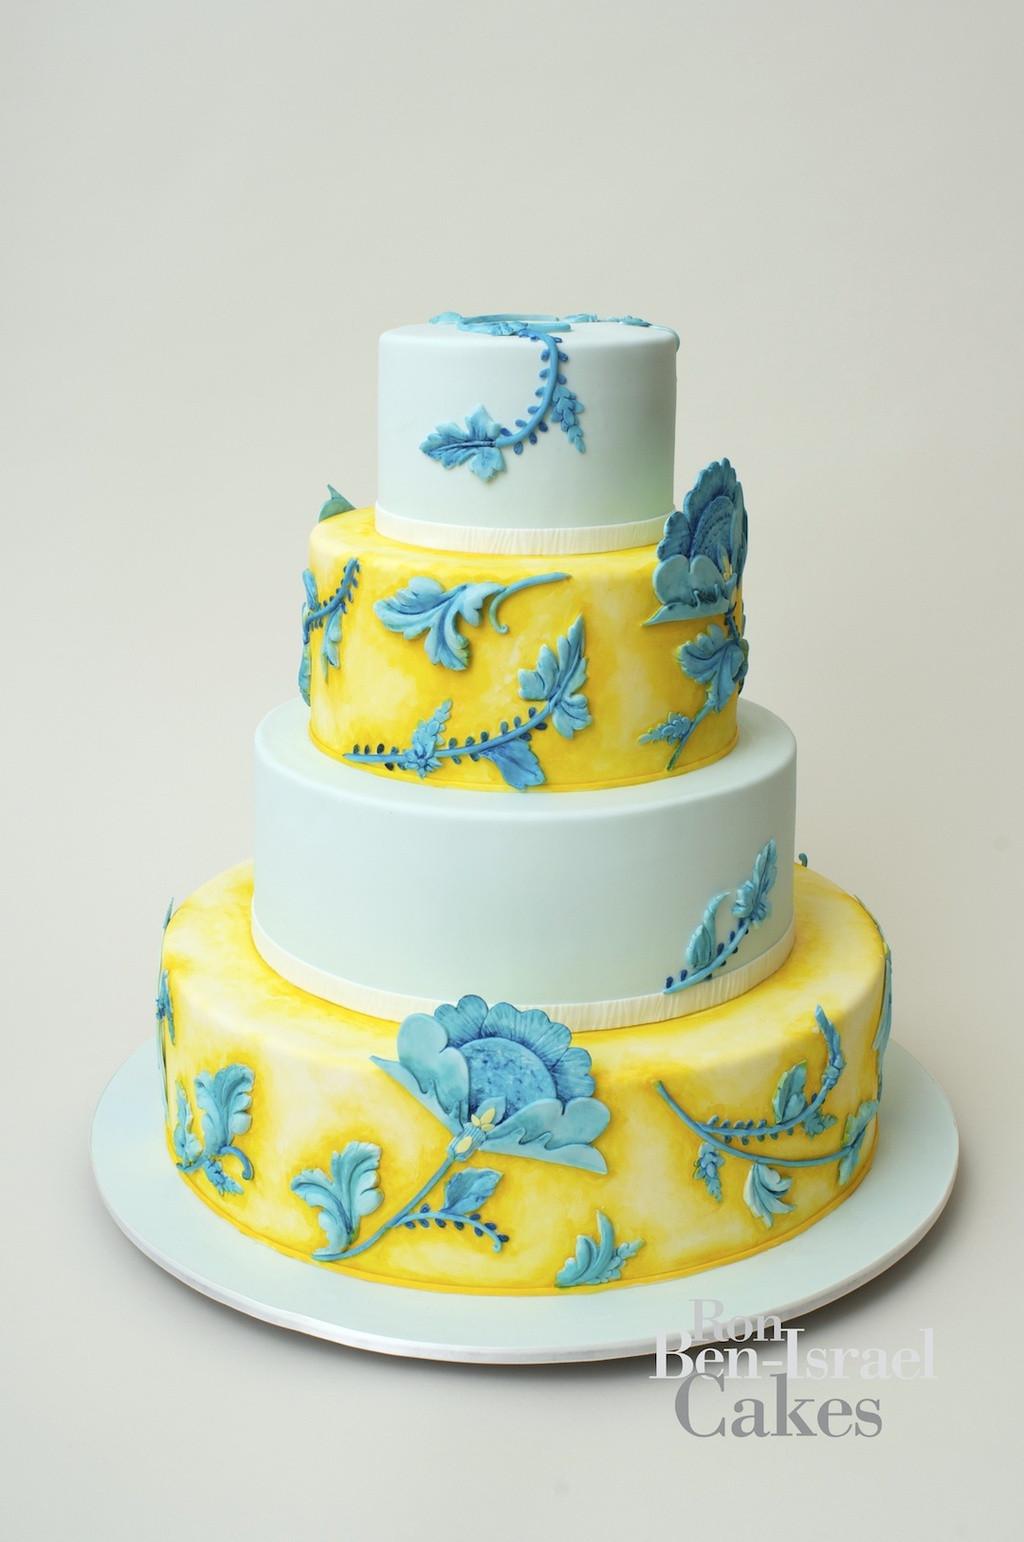 Turquoise And Yellow Wedding Cakes  wedding cake inspiration Ron Ben Isreal wedding cakes aqua